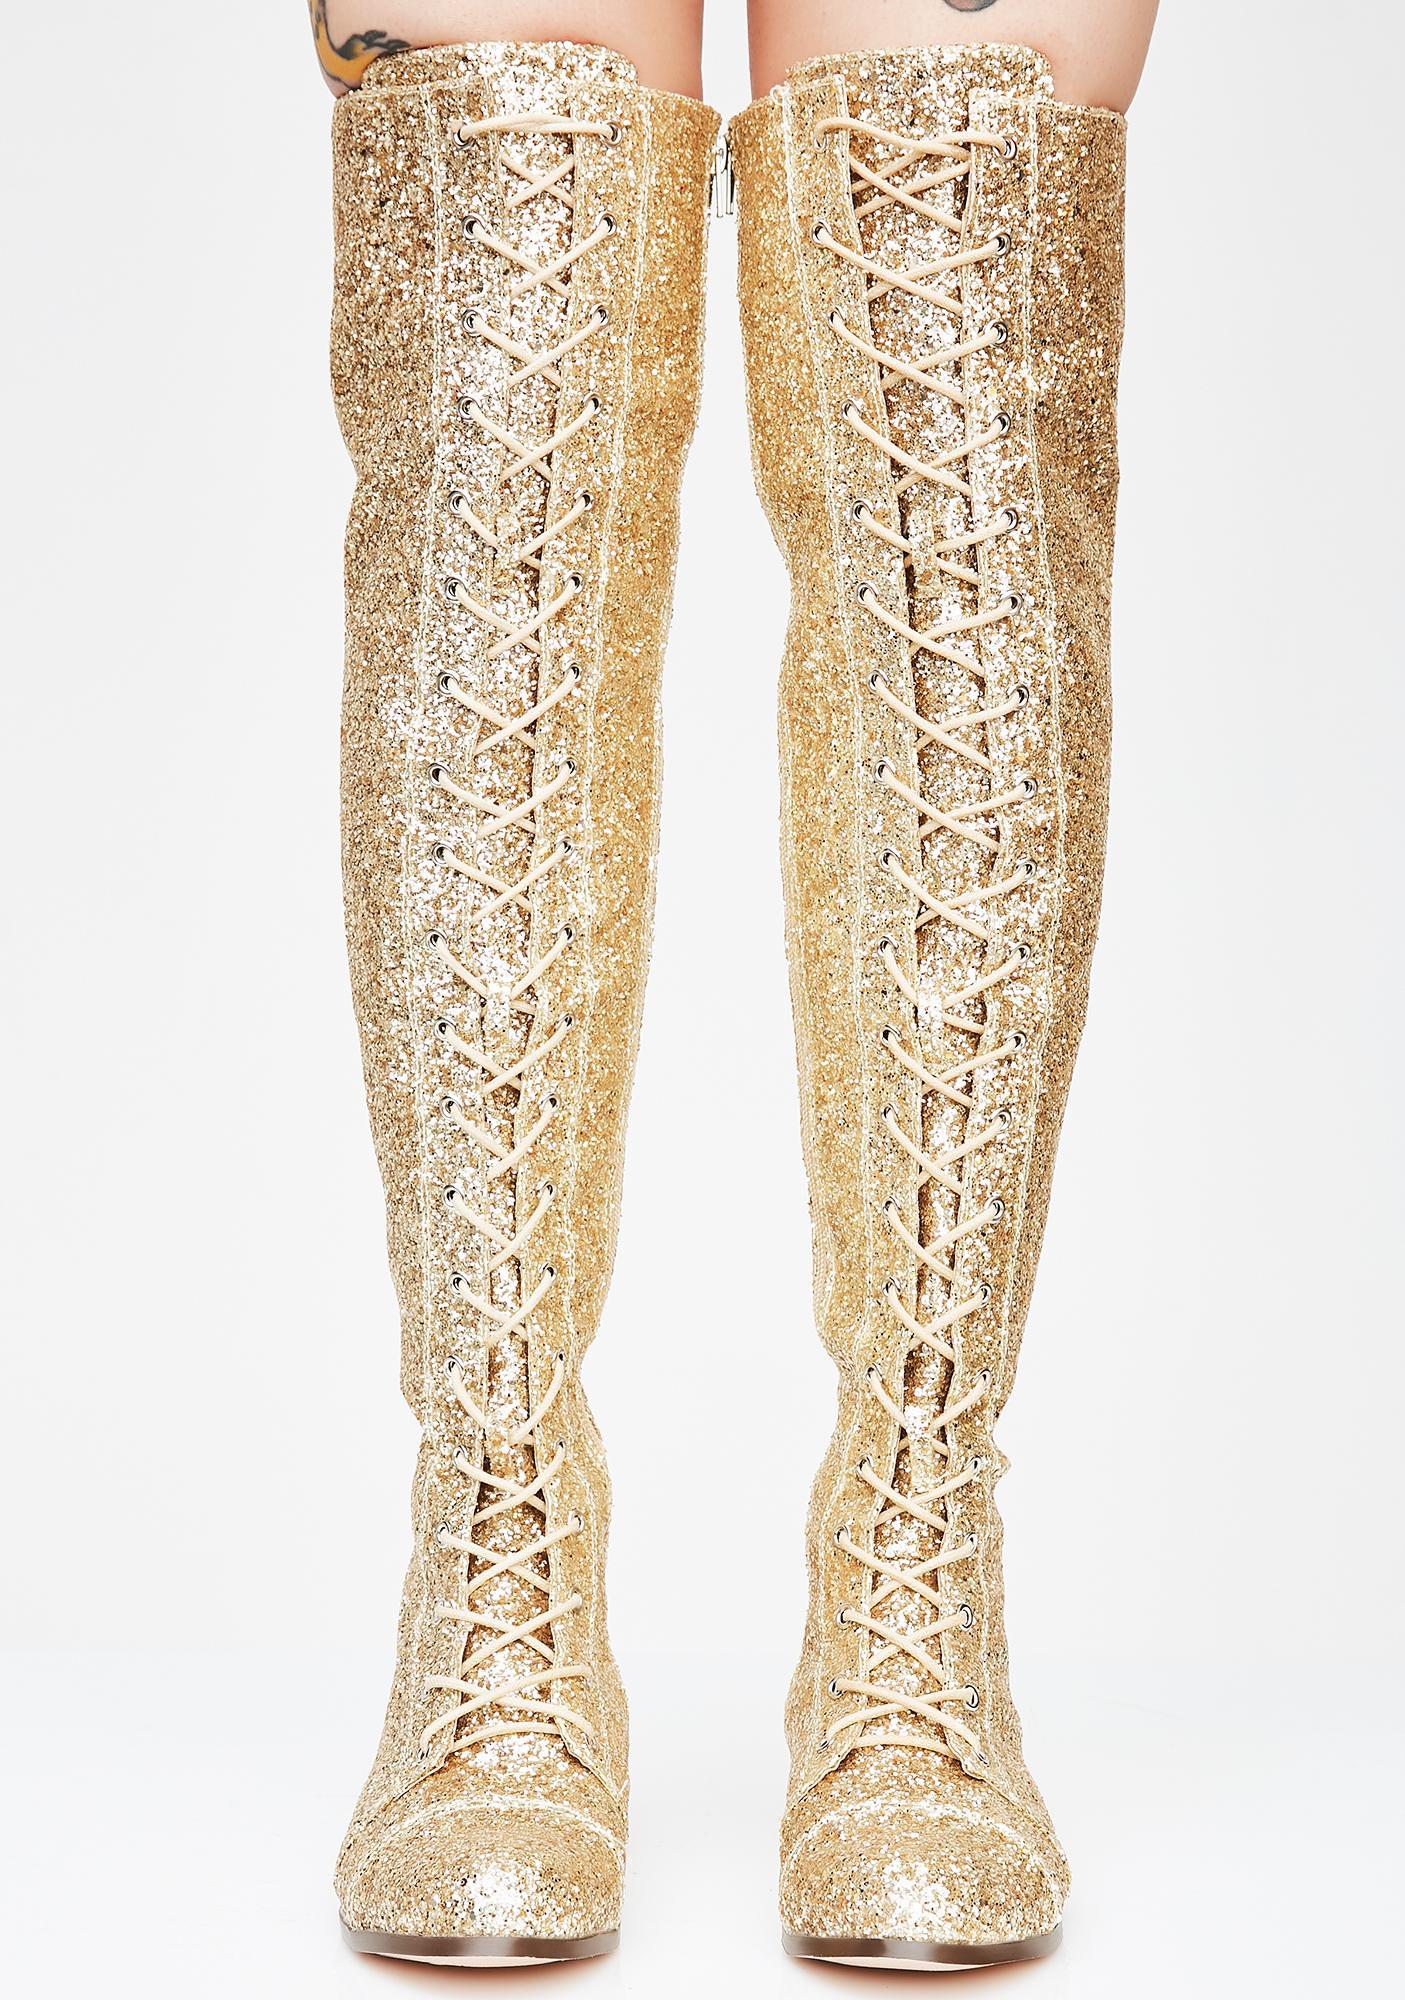 Millennial Diva Knee High Boots